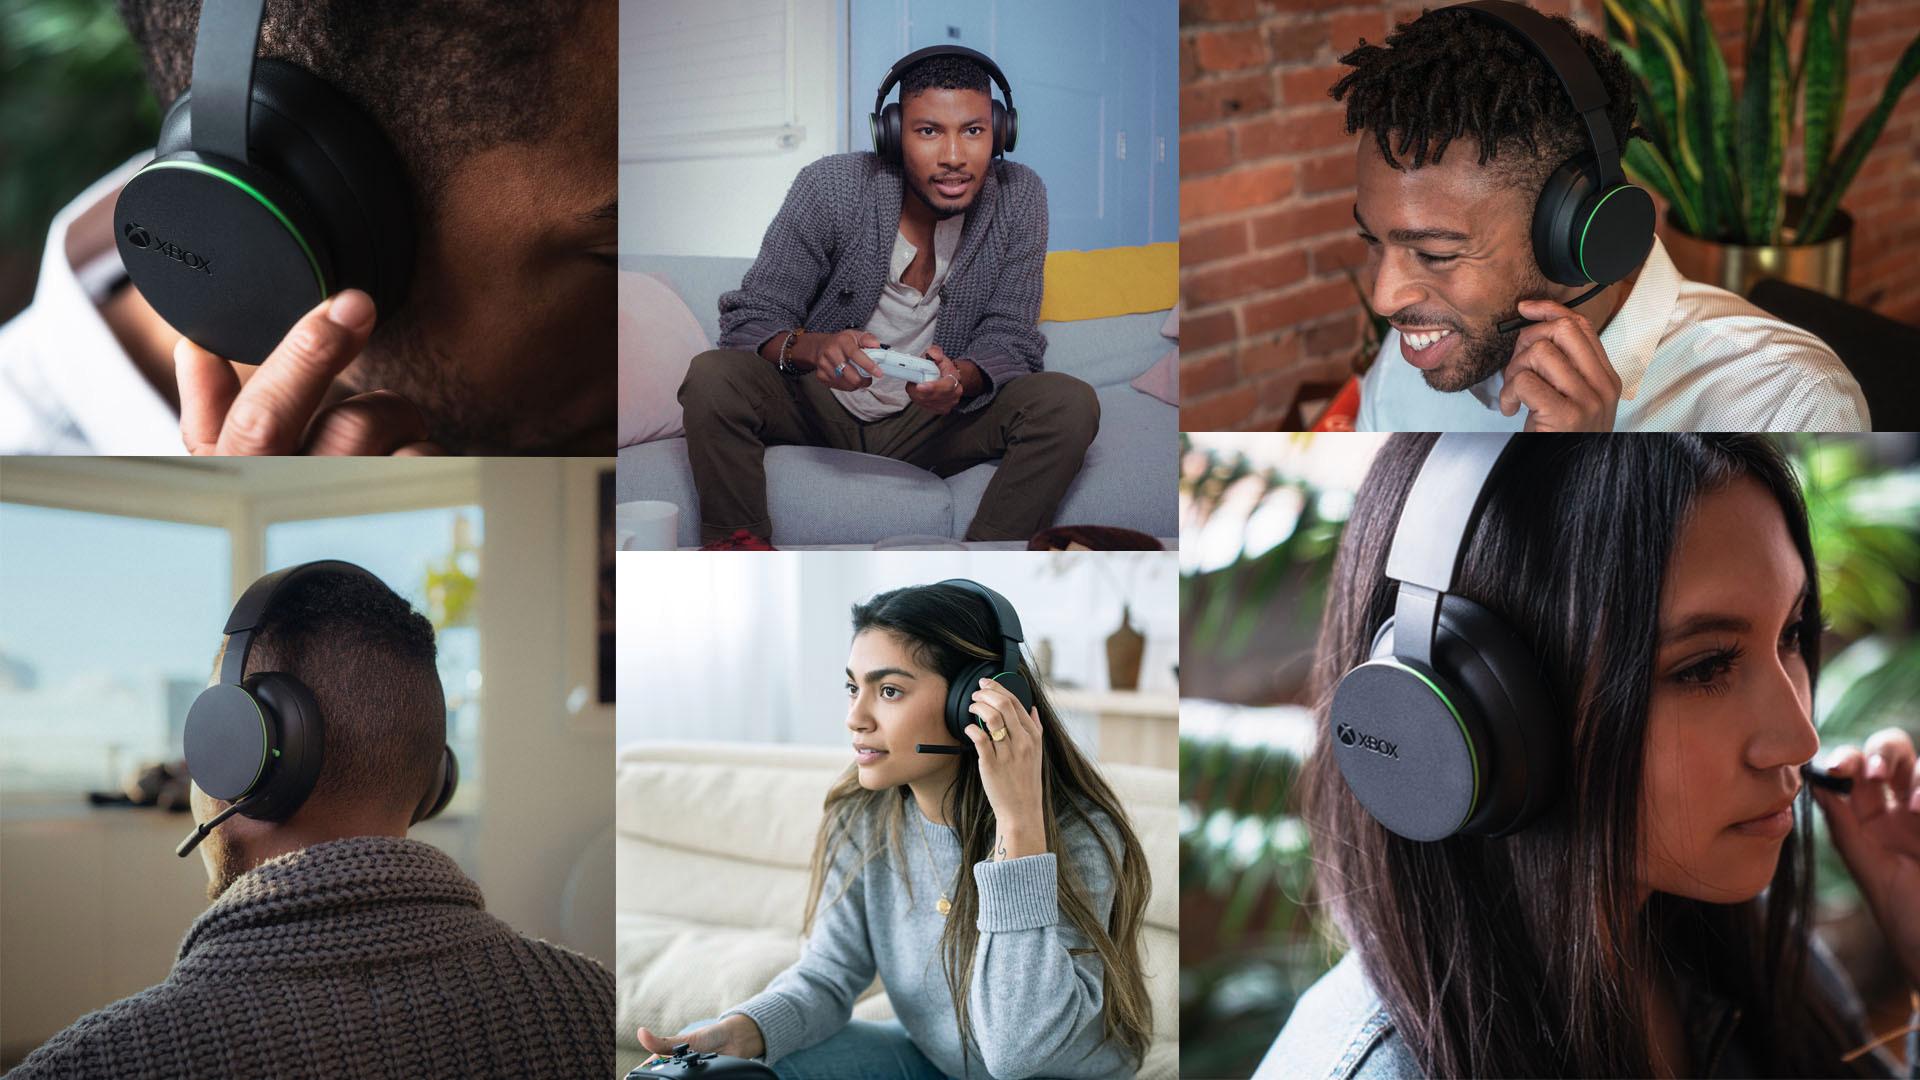 Xbox Unveils New Premium Wireless Headset